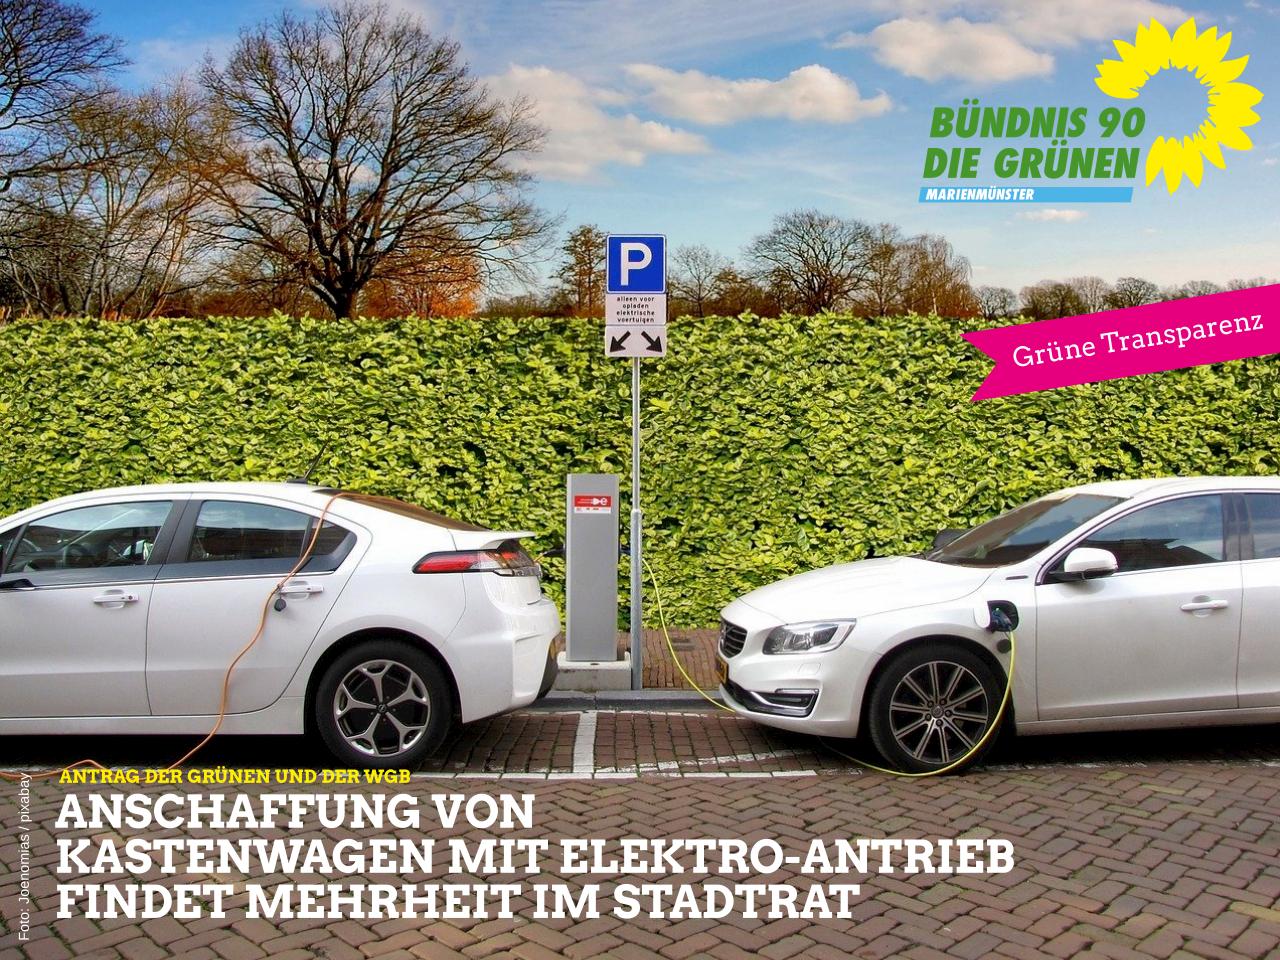 Anschaffung von Kastenwagen mit Elektro-Antrieb findet Mehrheit im Stadtrat